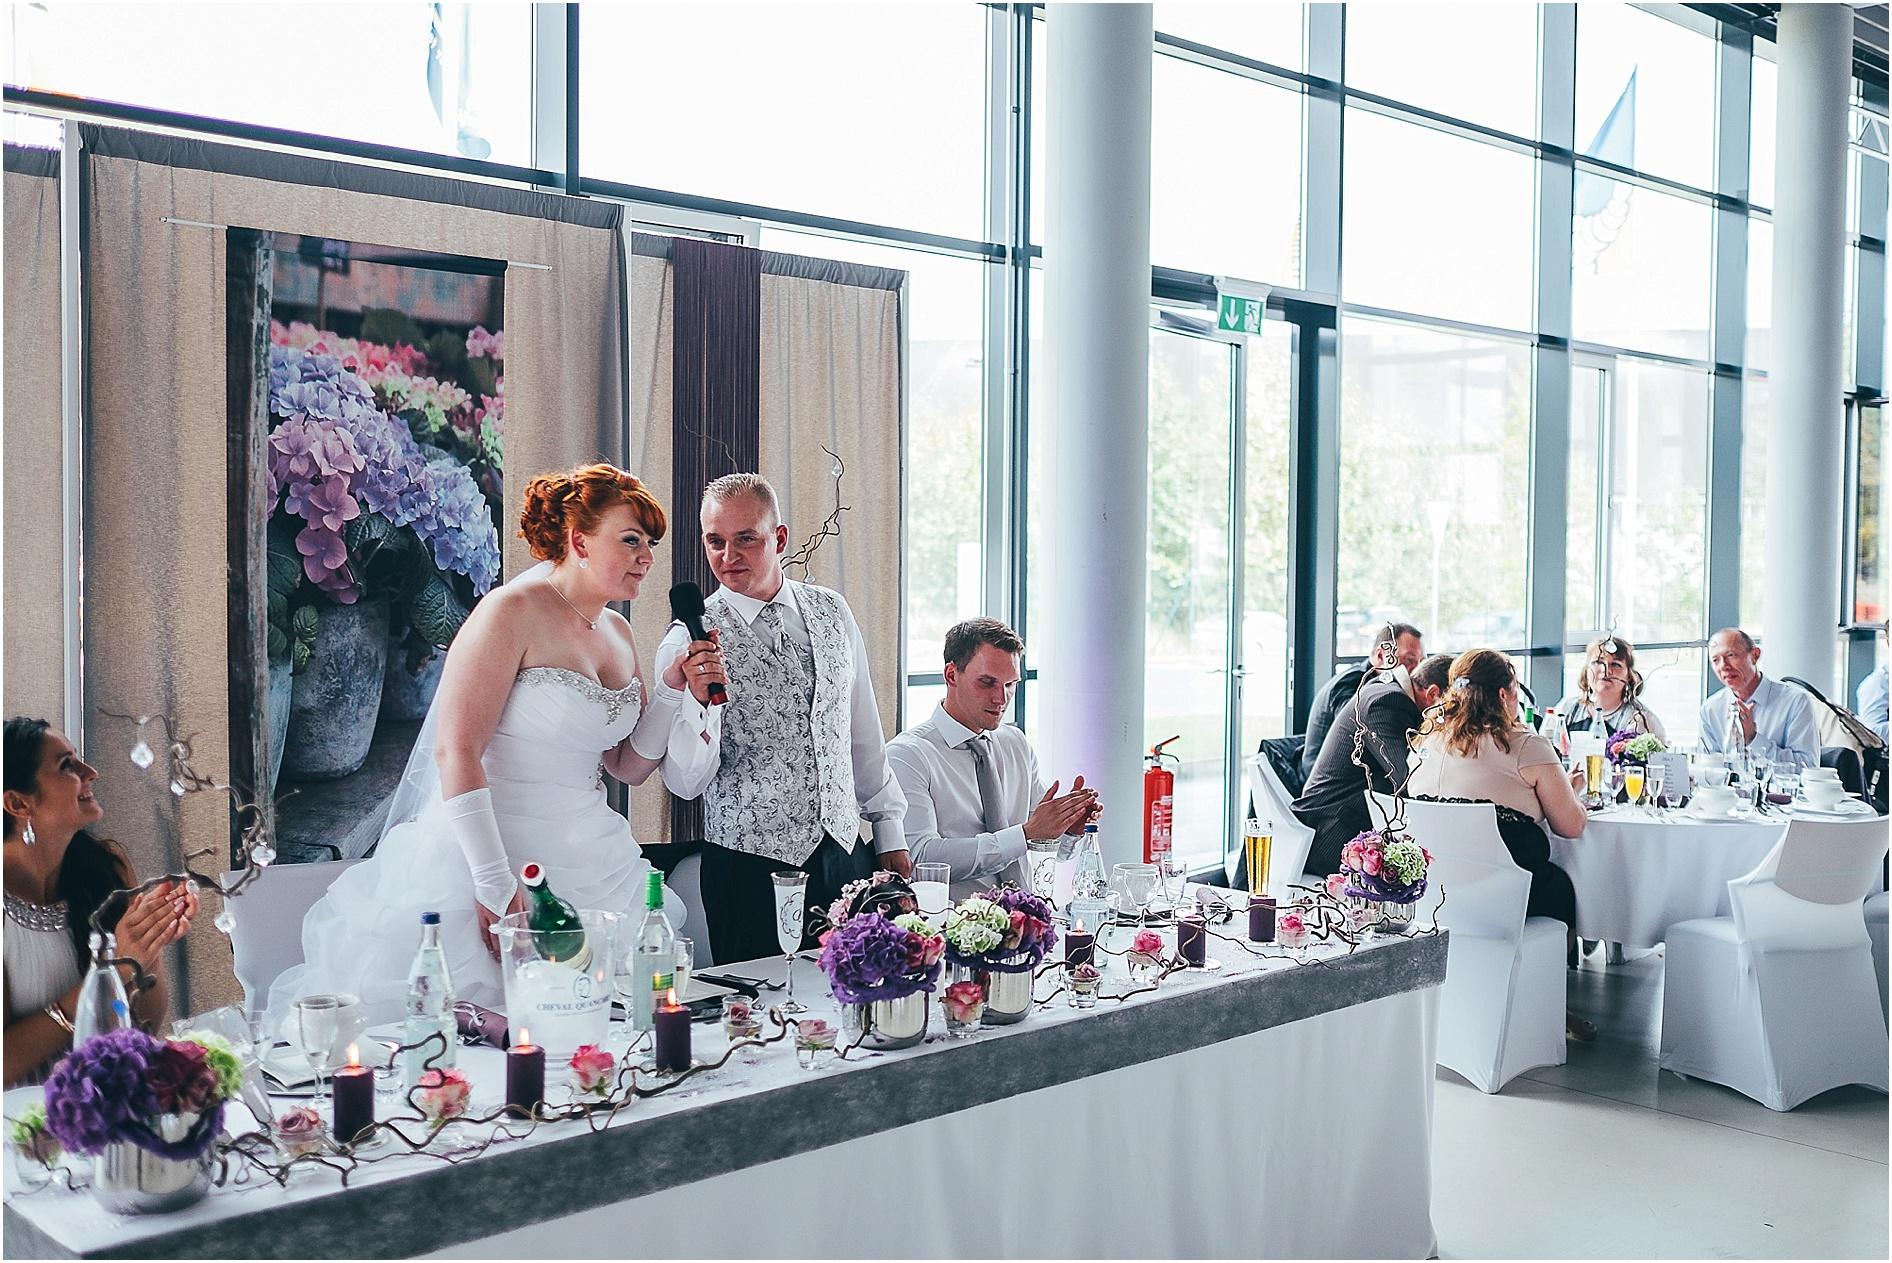 2014-11-20_0104 Lora & Daniel - Als Hochzeitsfotograf in Lüneburg